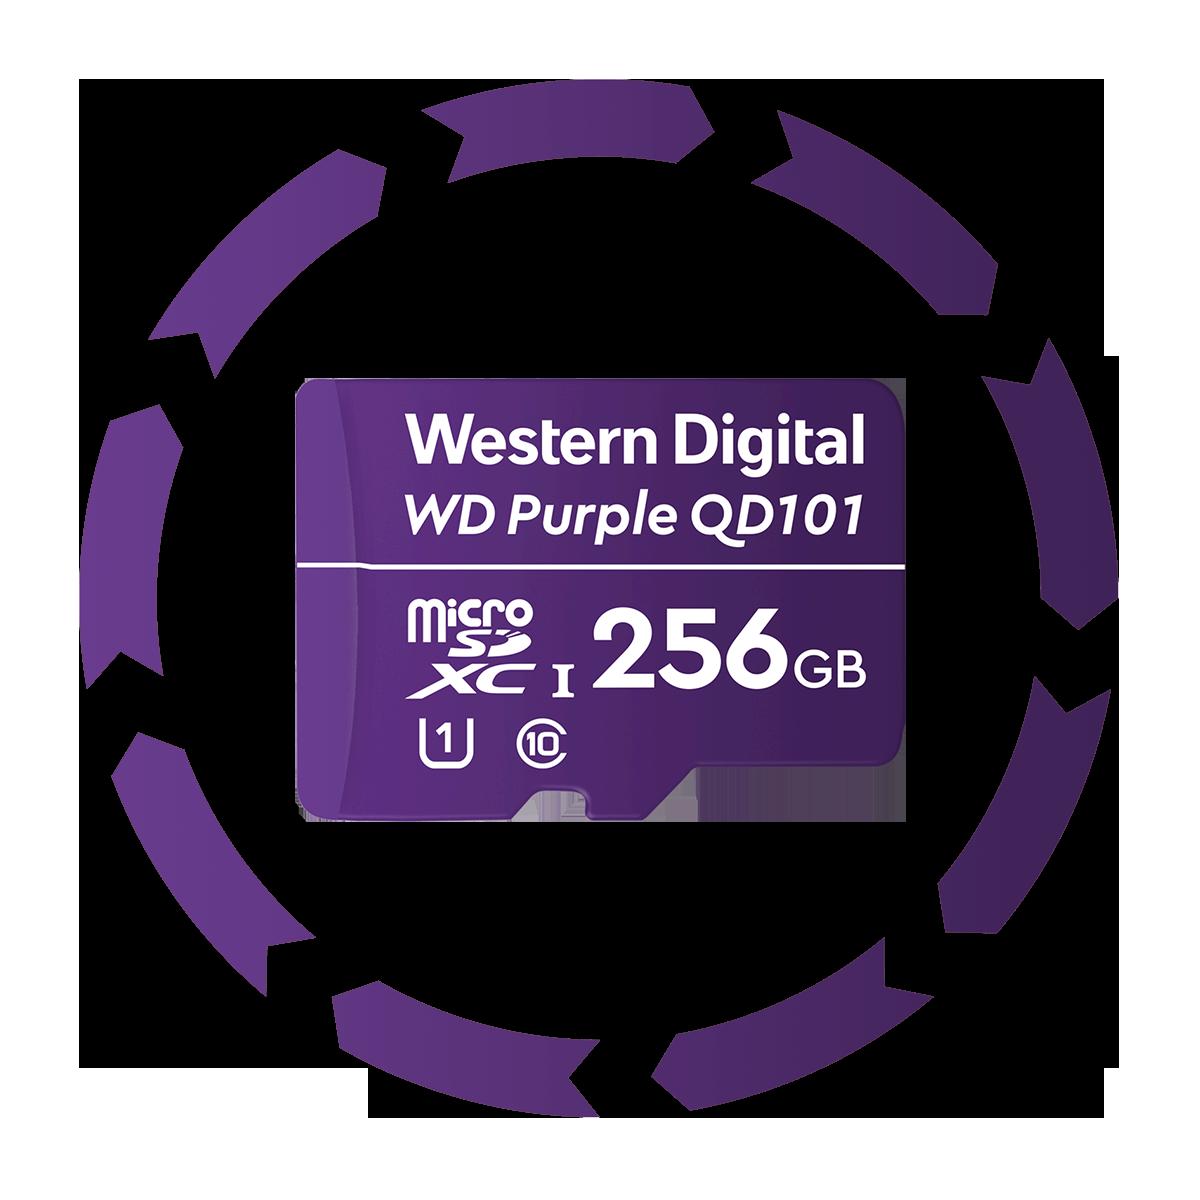 Western Digital microSD card